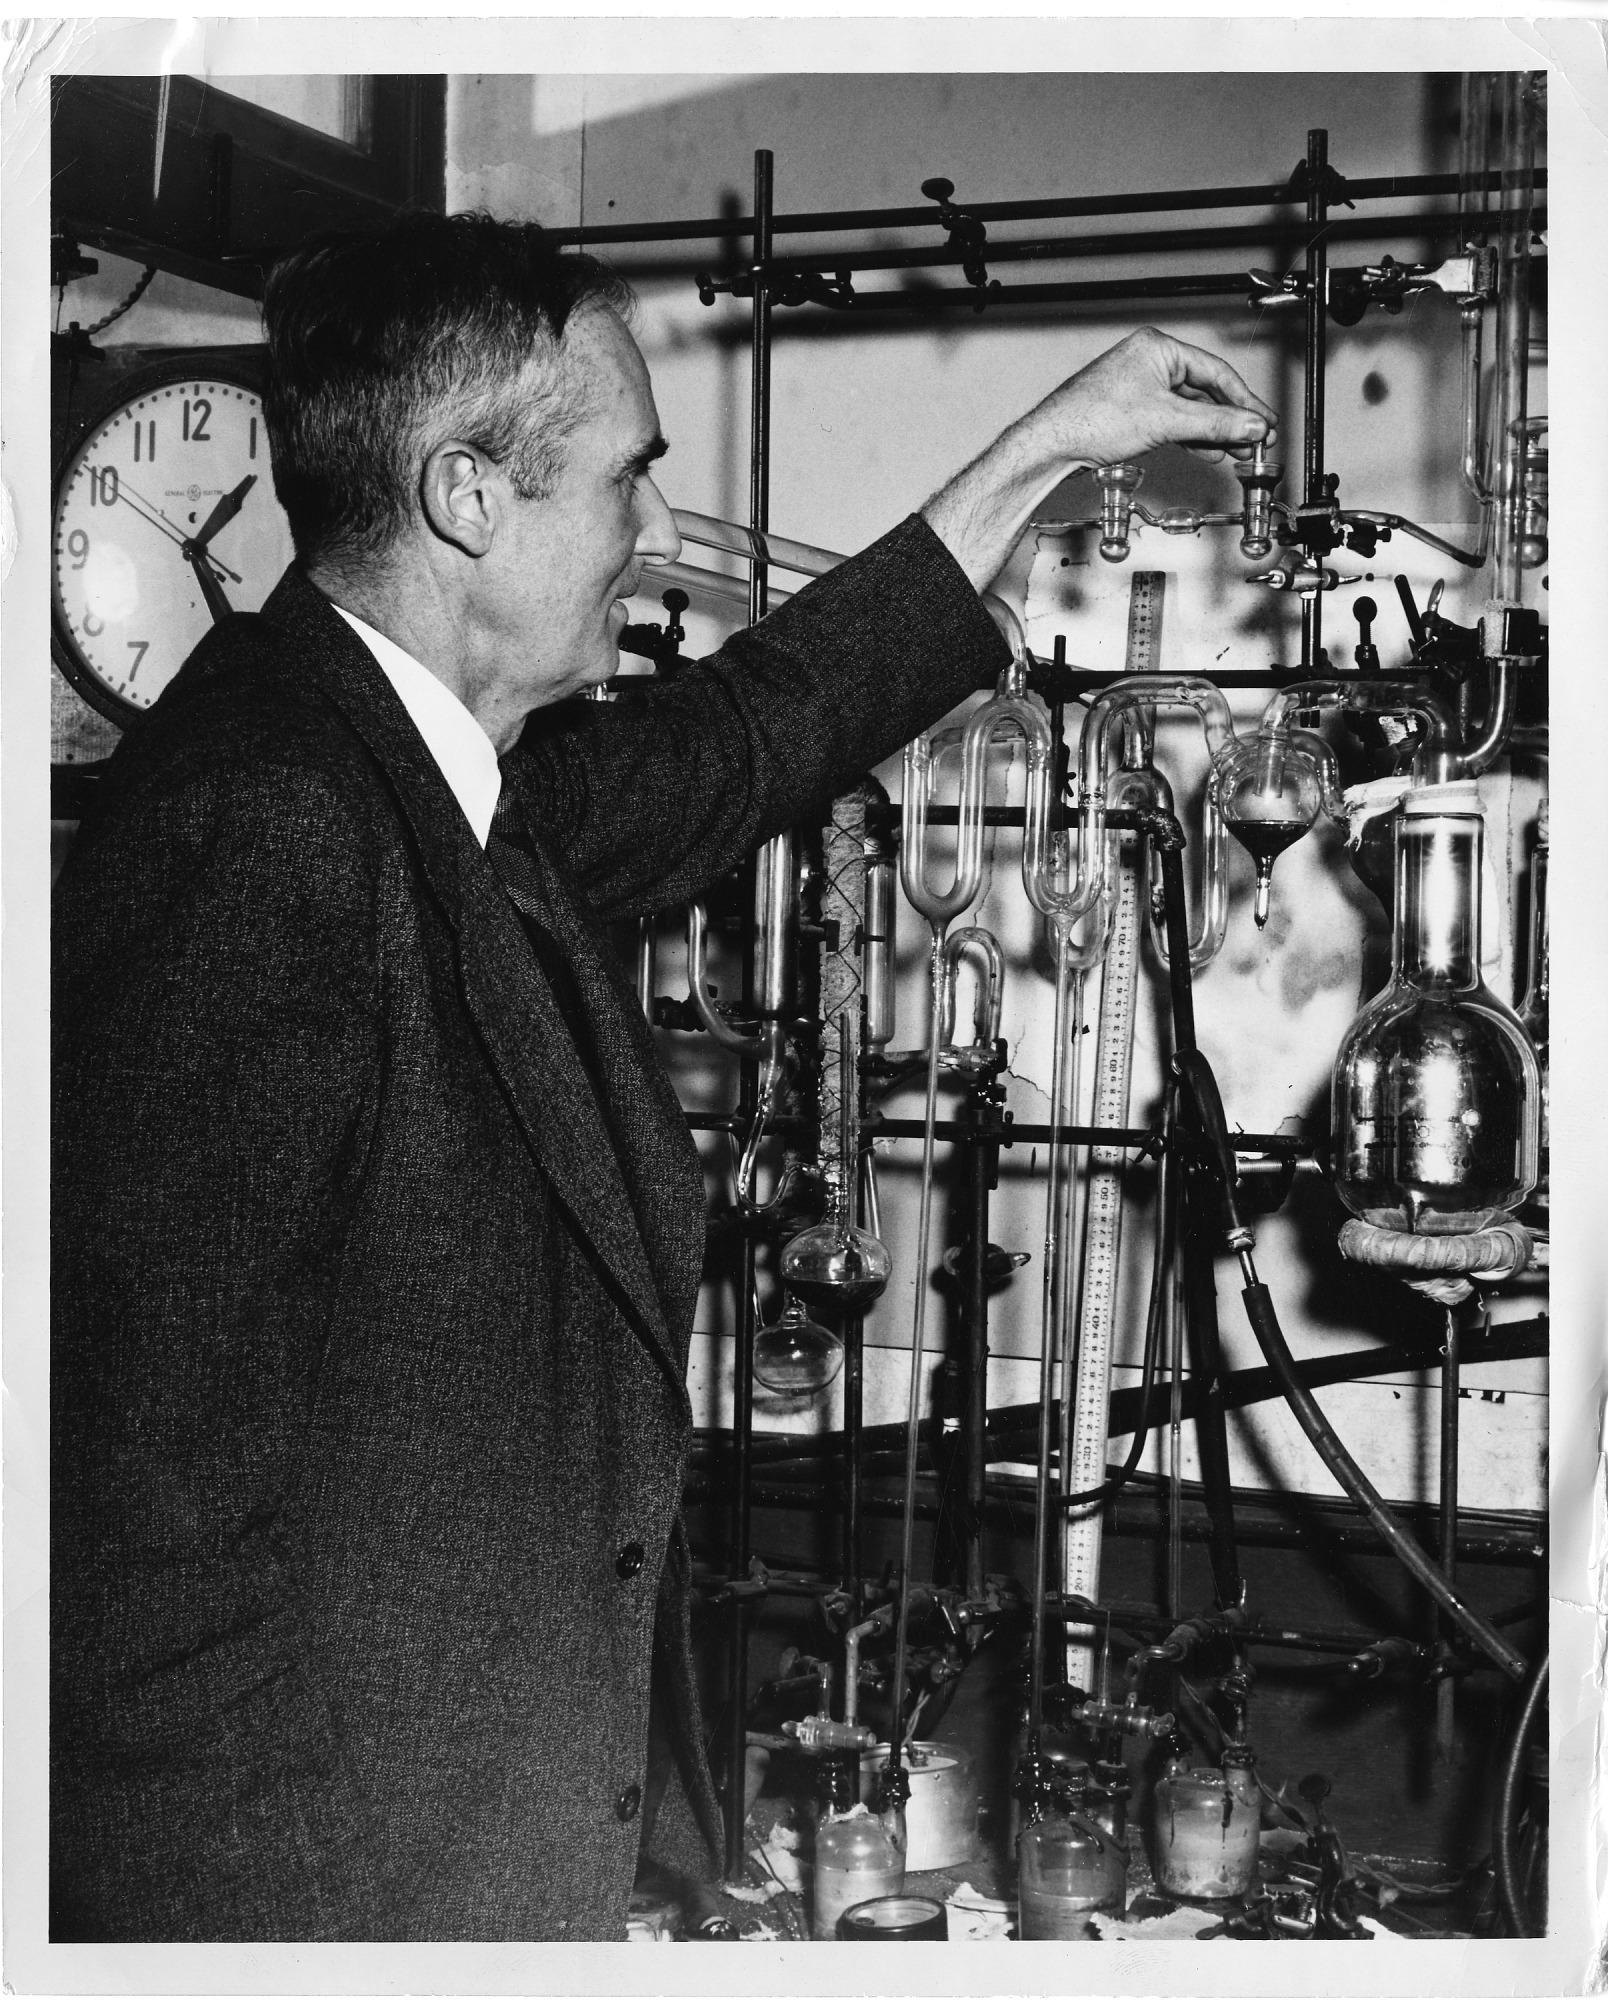 William Francis Giauque (1895-1982)